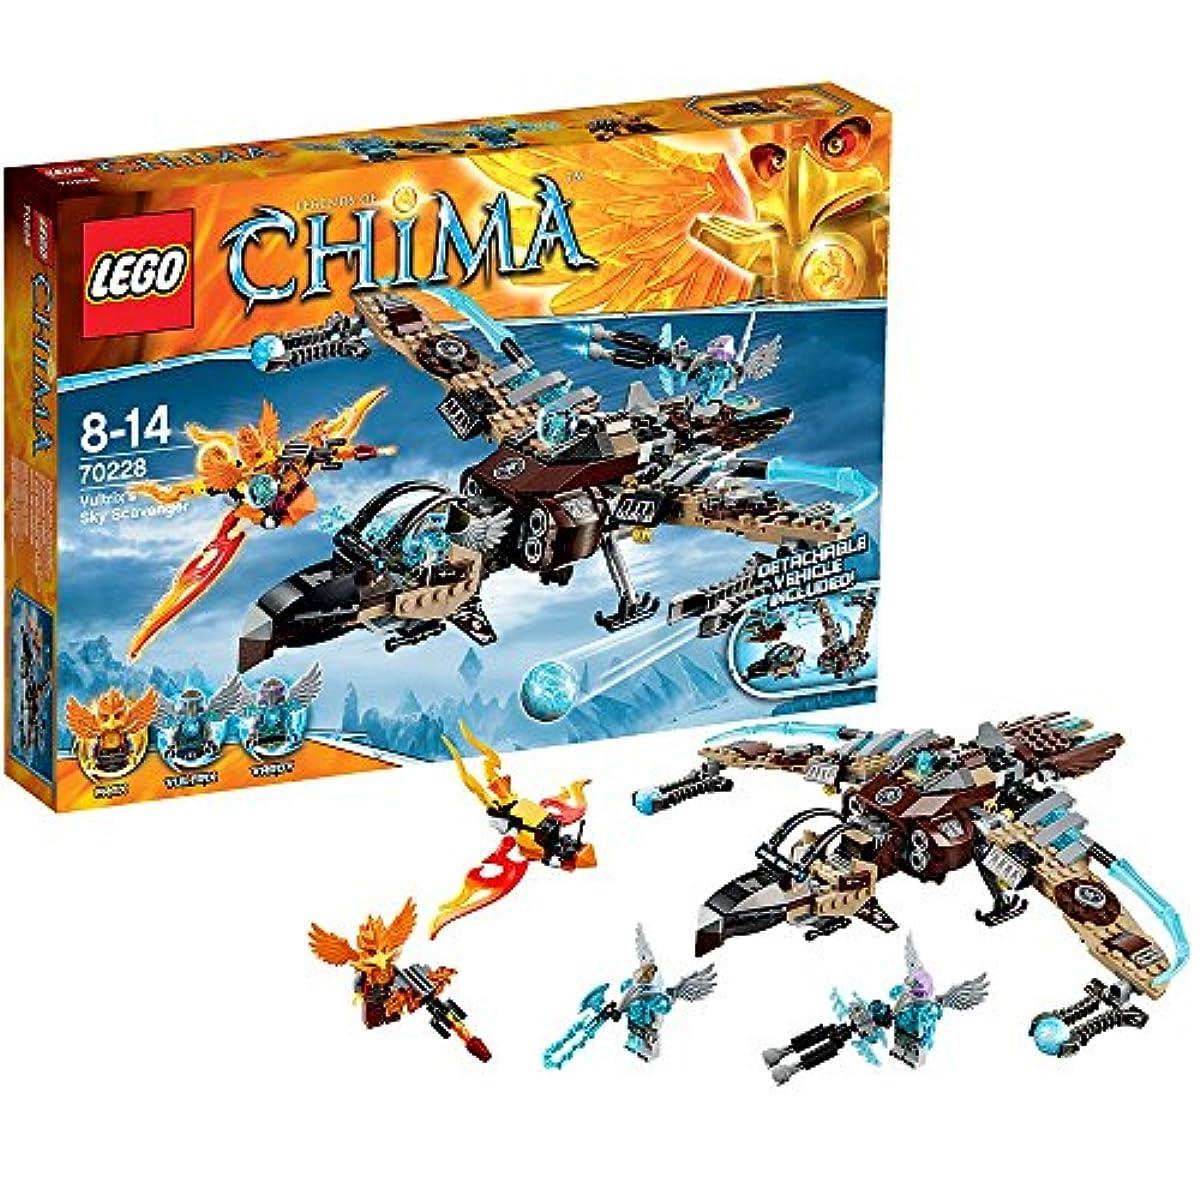 [해외] 레고 (LEGO) 찌마 발트 릭스의 스카이 scavenge― 70228 (2014-12-26)